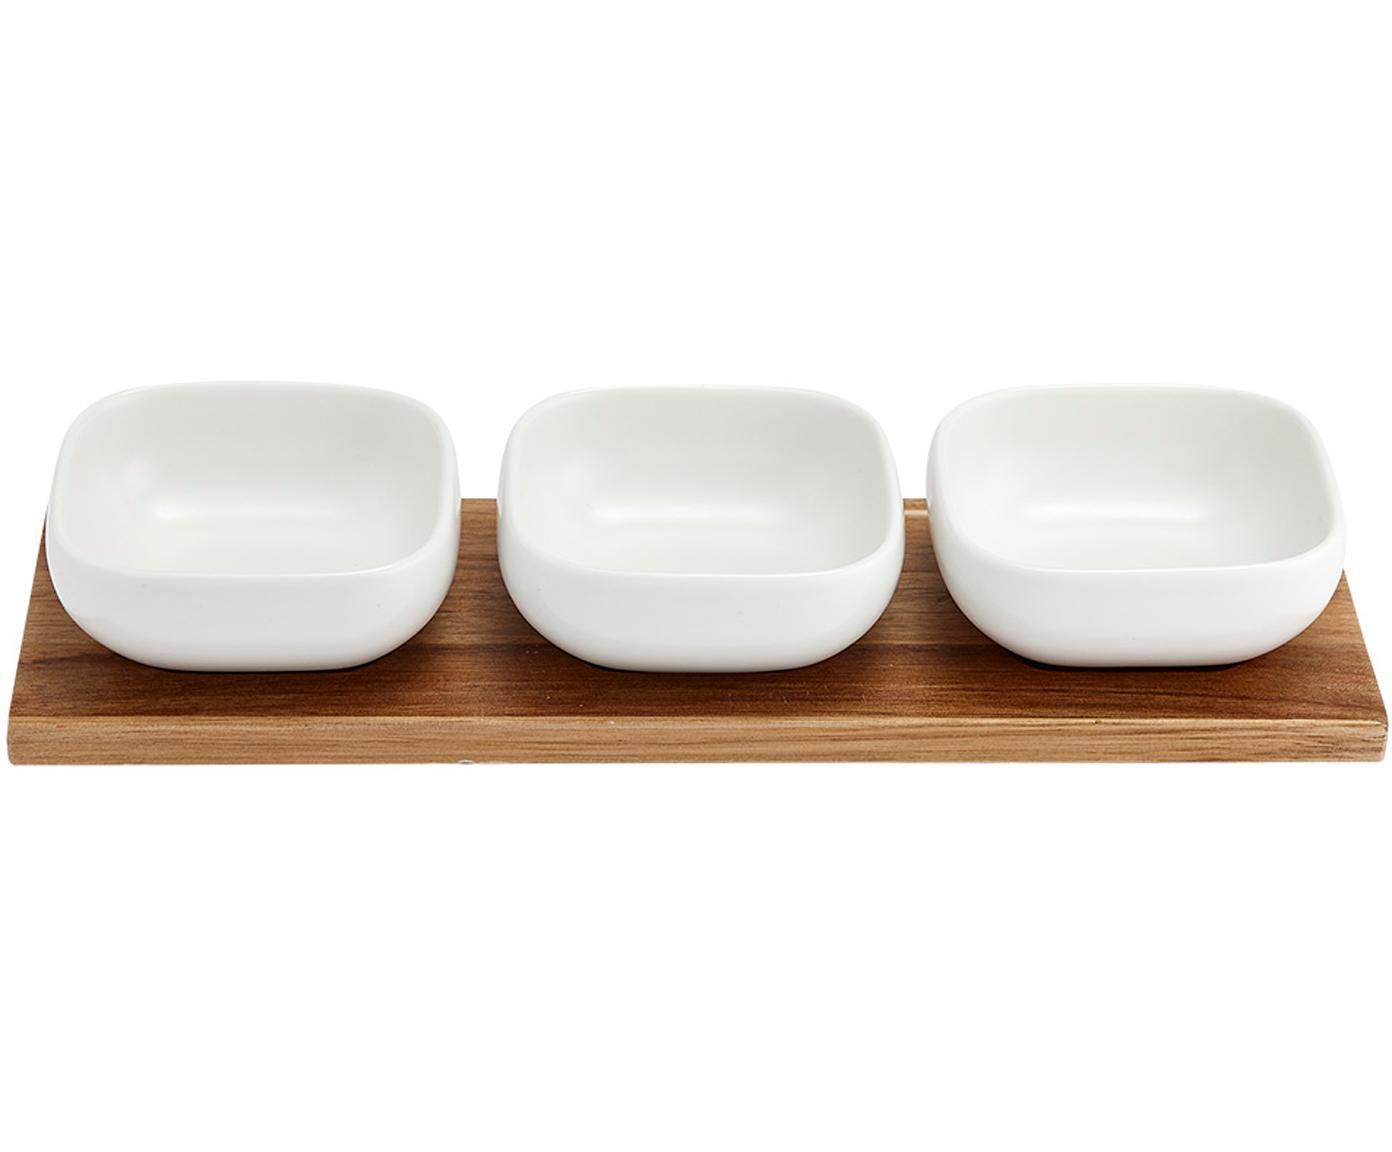 Komplet miseczek  z porcelany i drewna akacjowego Essentials, 4 elem., Porcelana, drewno akacjowe, Biały, drewno akacjowe, Różne rozmiary